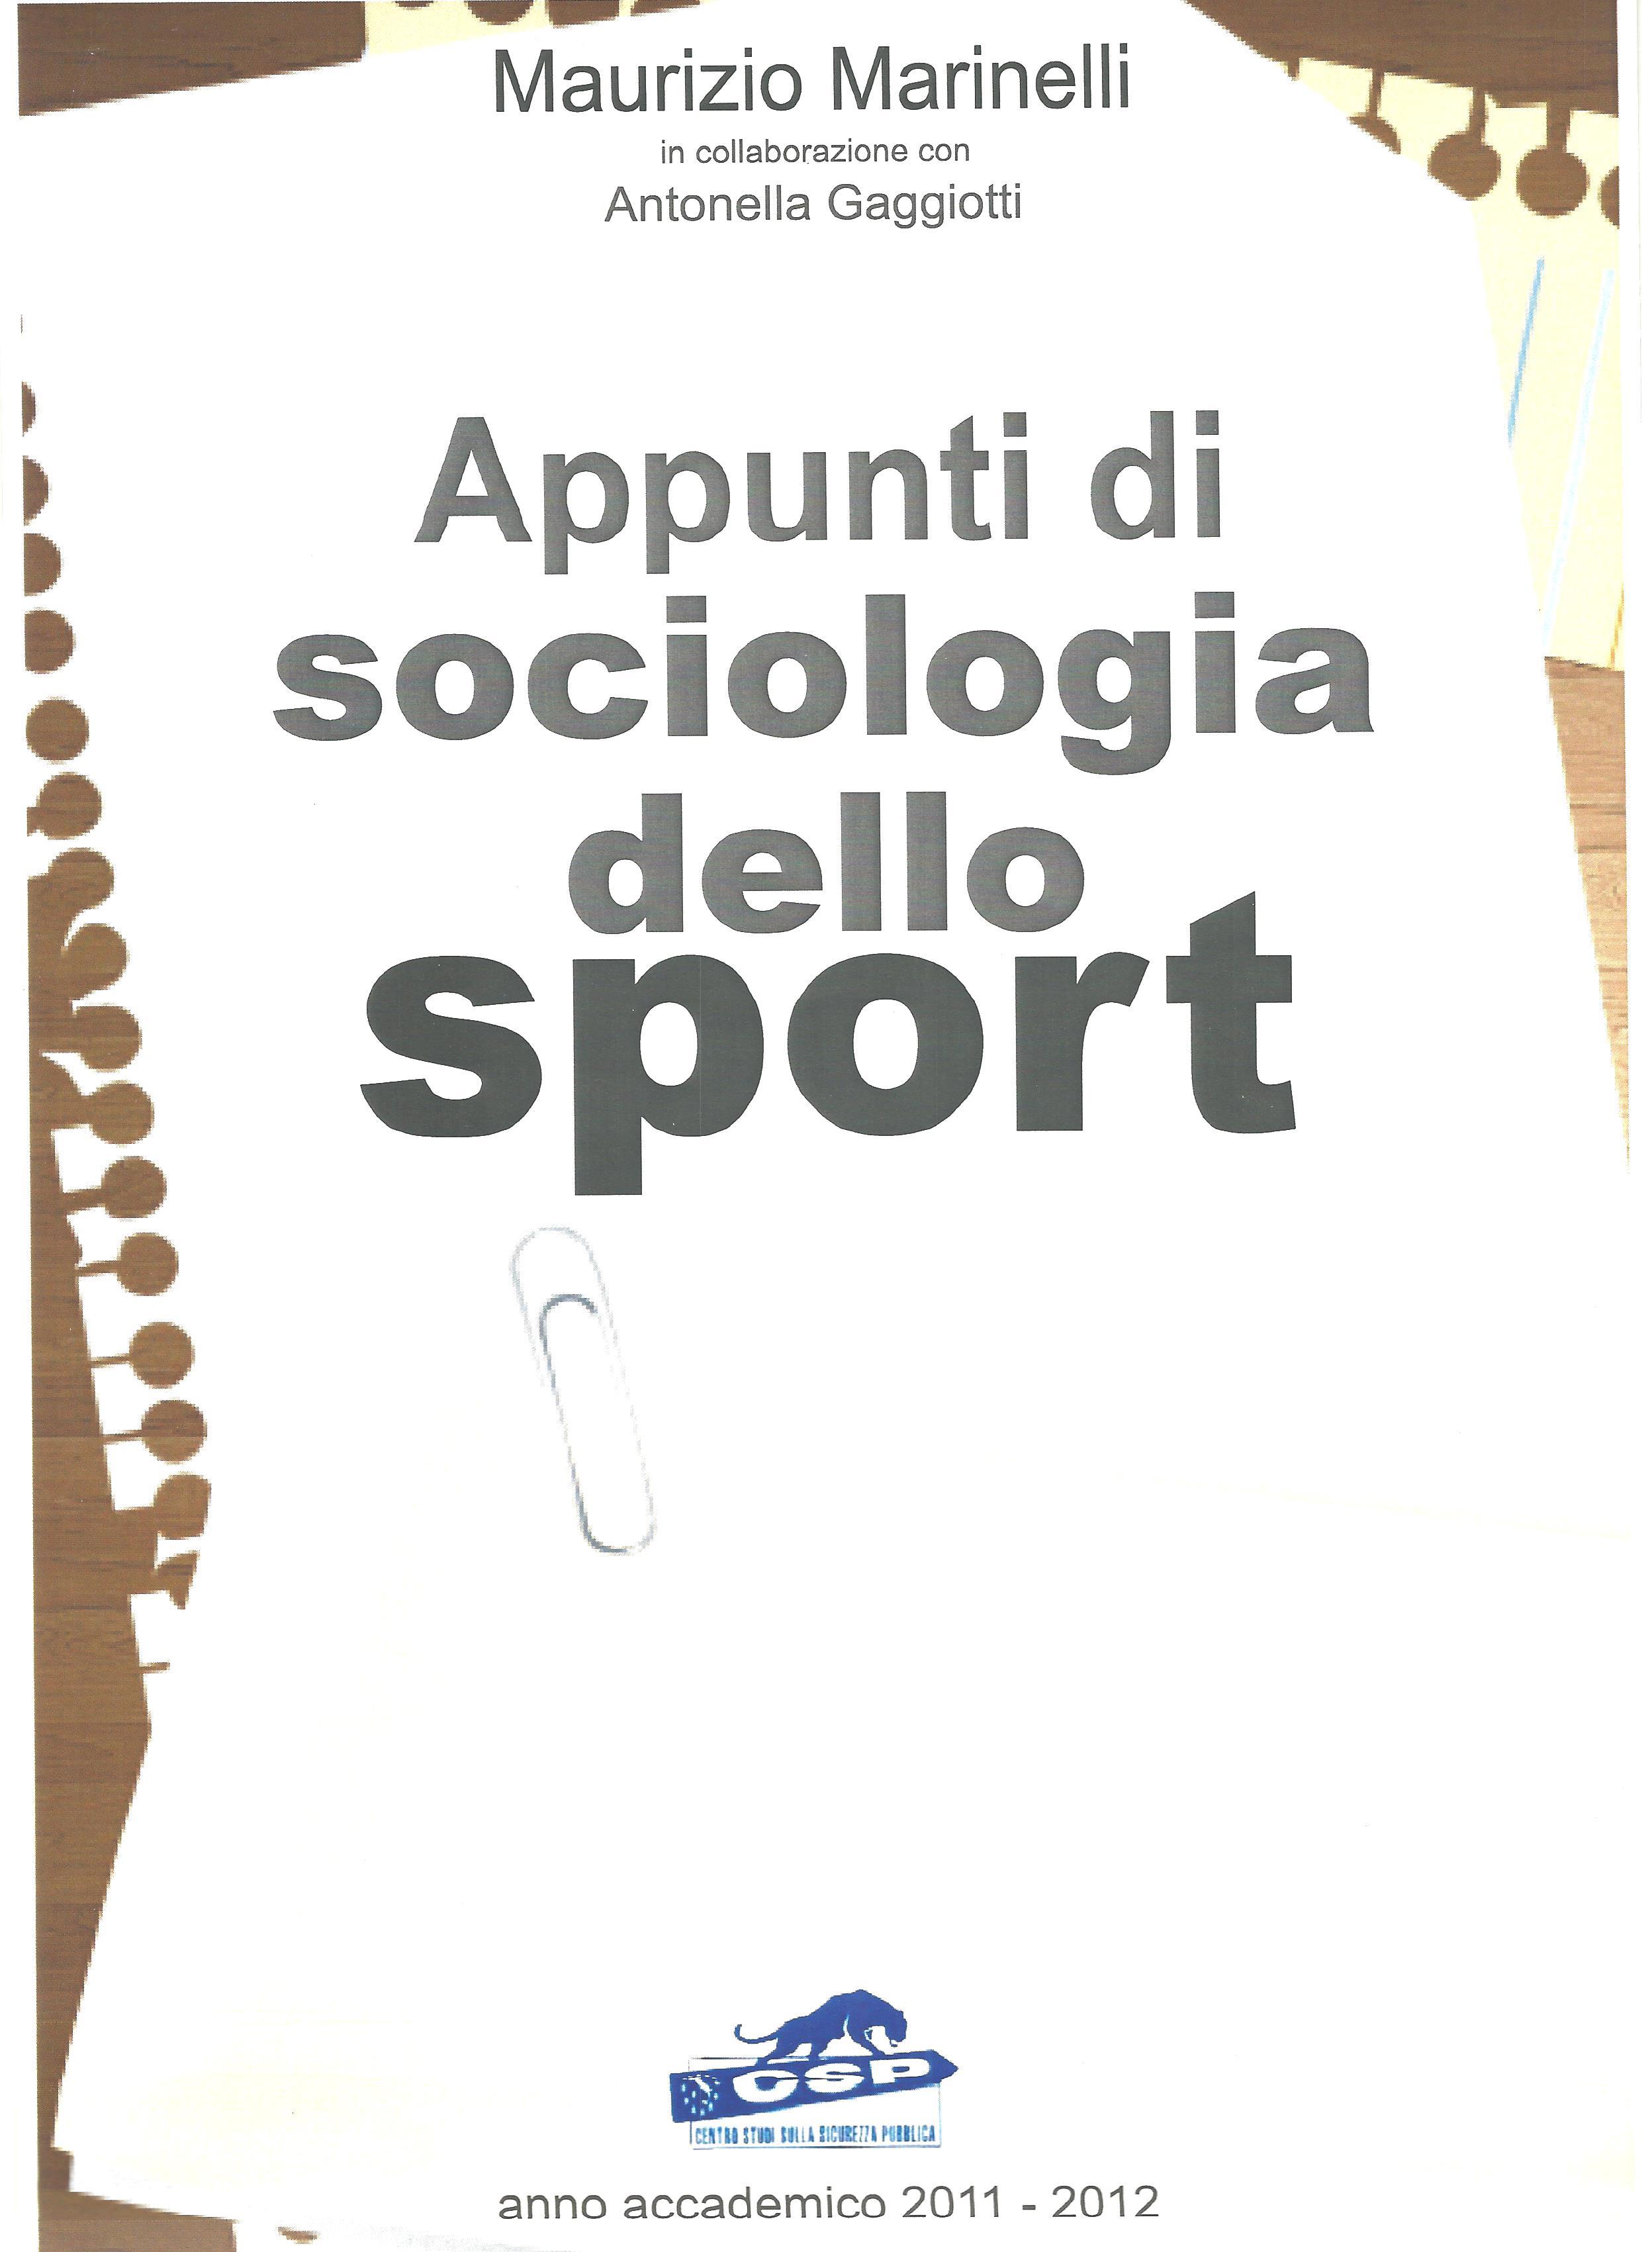 Appunti-di-sociologia-dello-sport